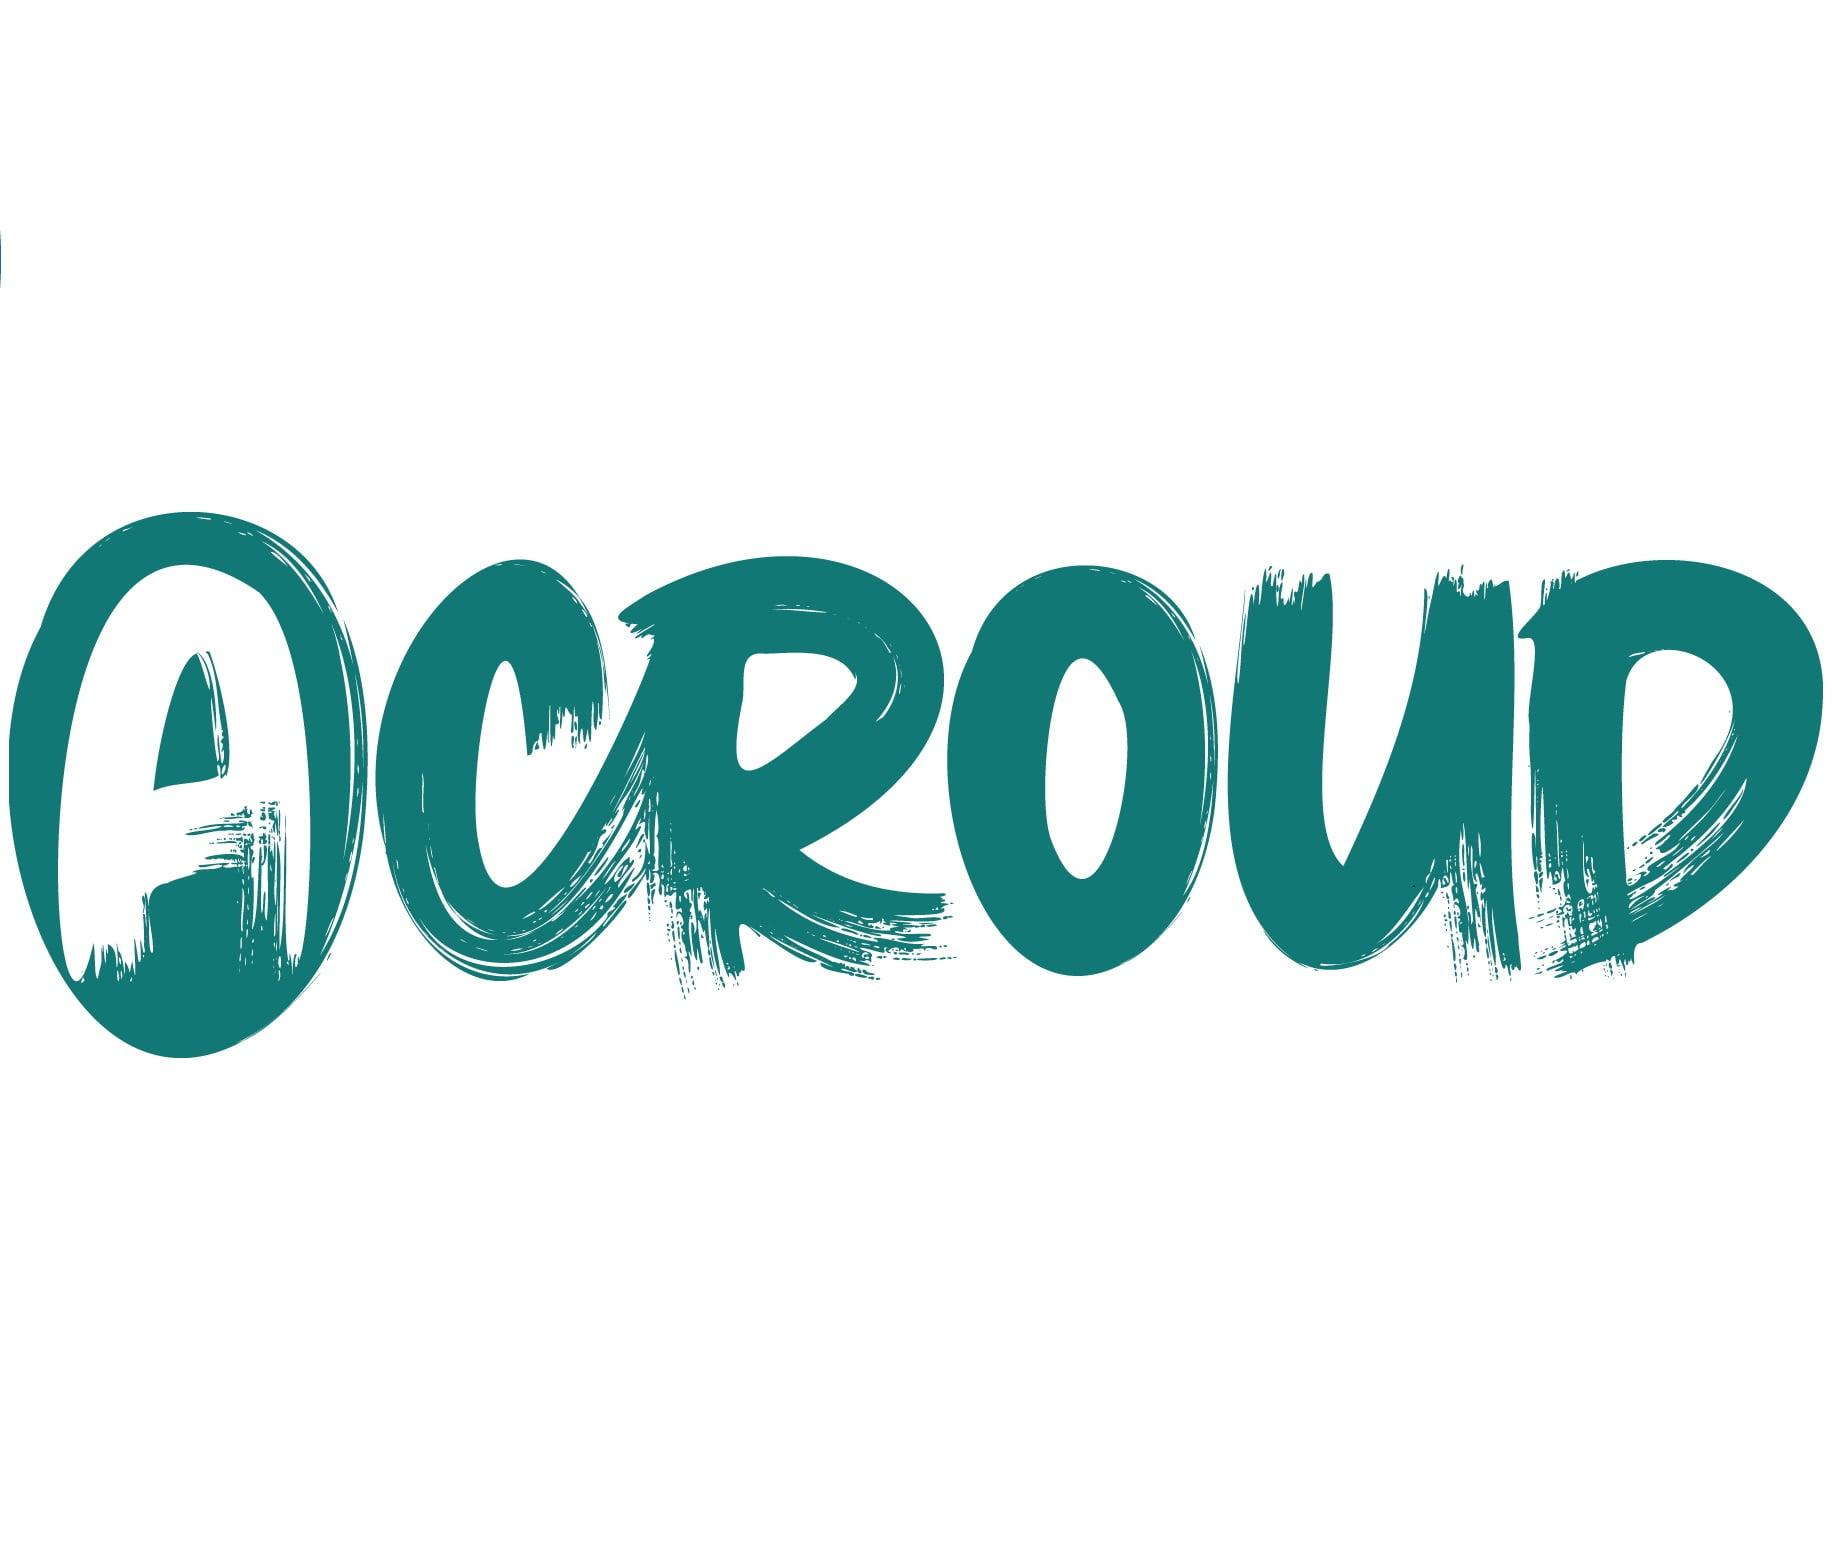 Acroud AB launch CompareCasino Comparison Site